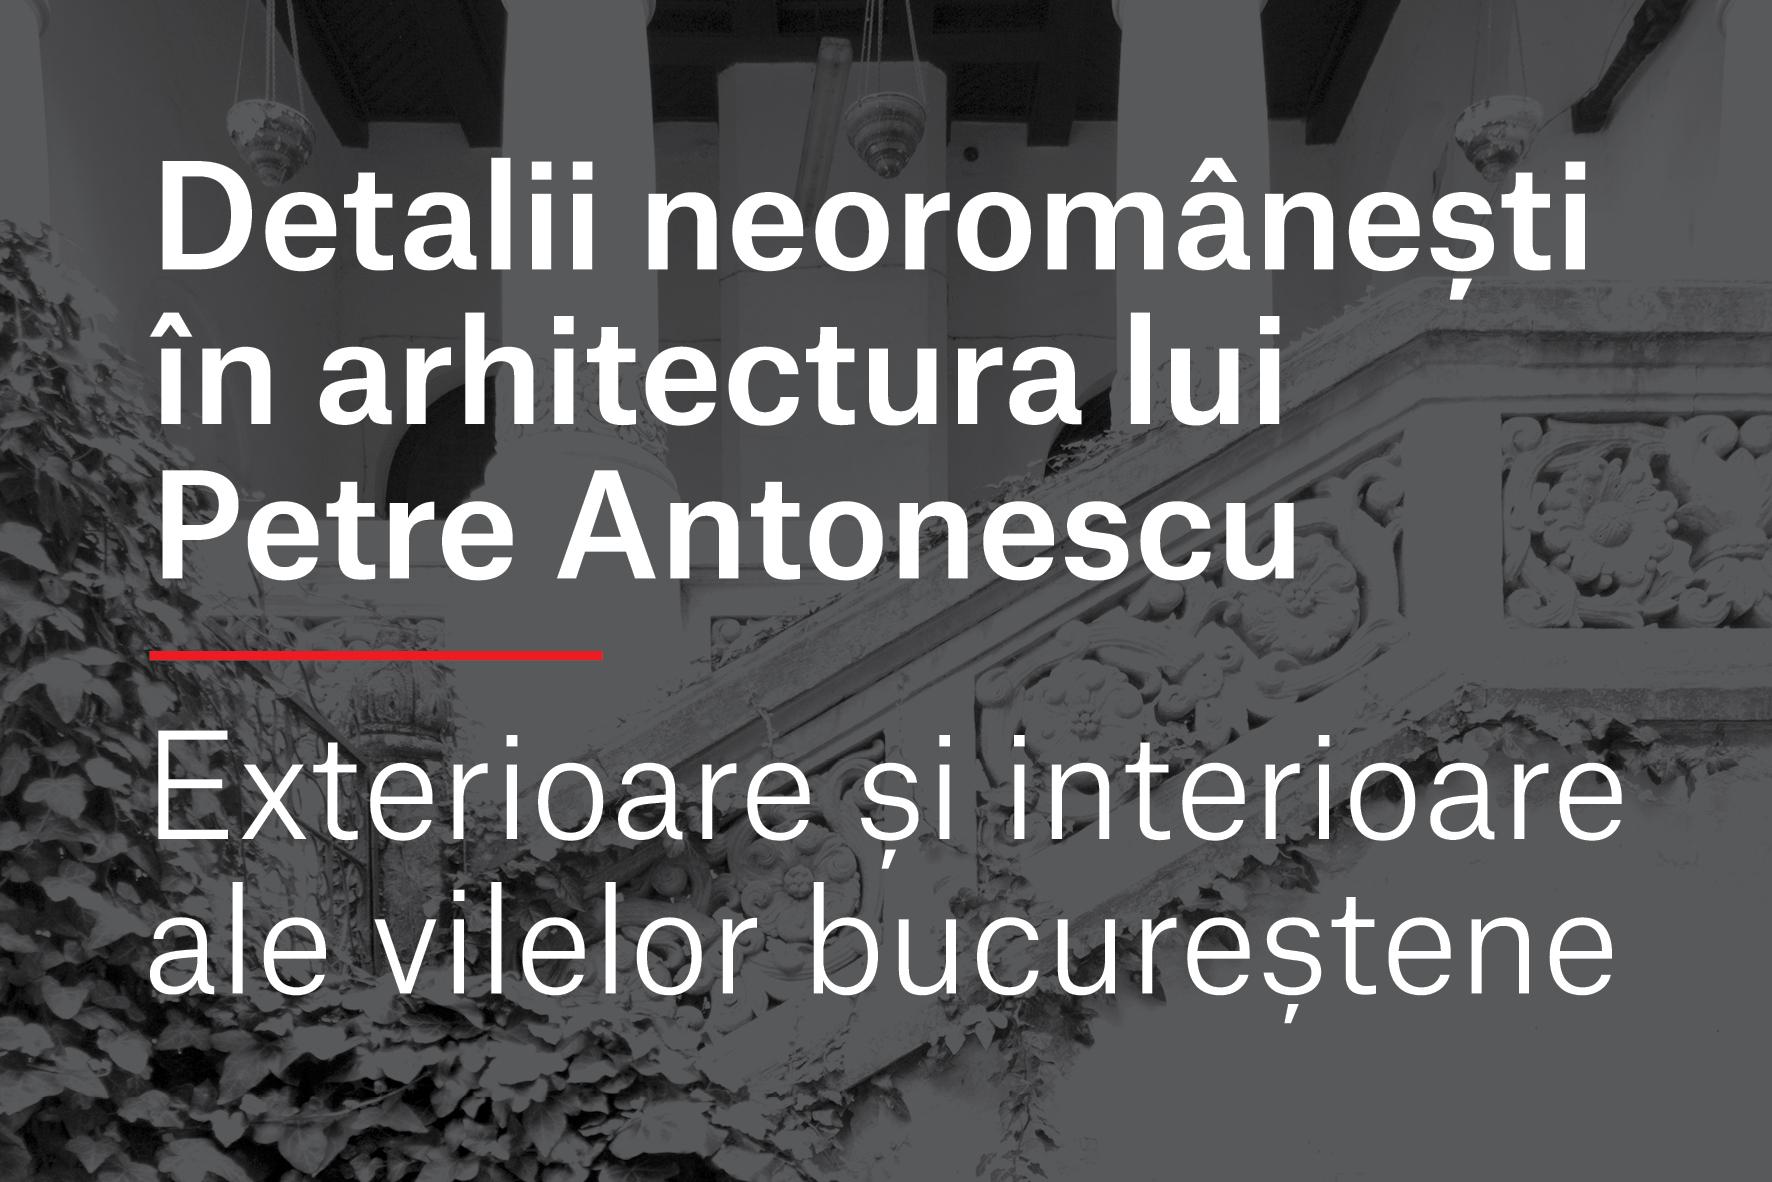 Detalii neoromânești în arhitectura lui Petre Antonescu. Exterioare și interioare ale vilelor bucureștene. 22-30 octombrie 2016